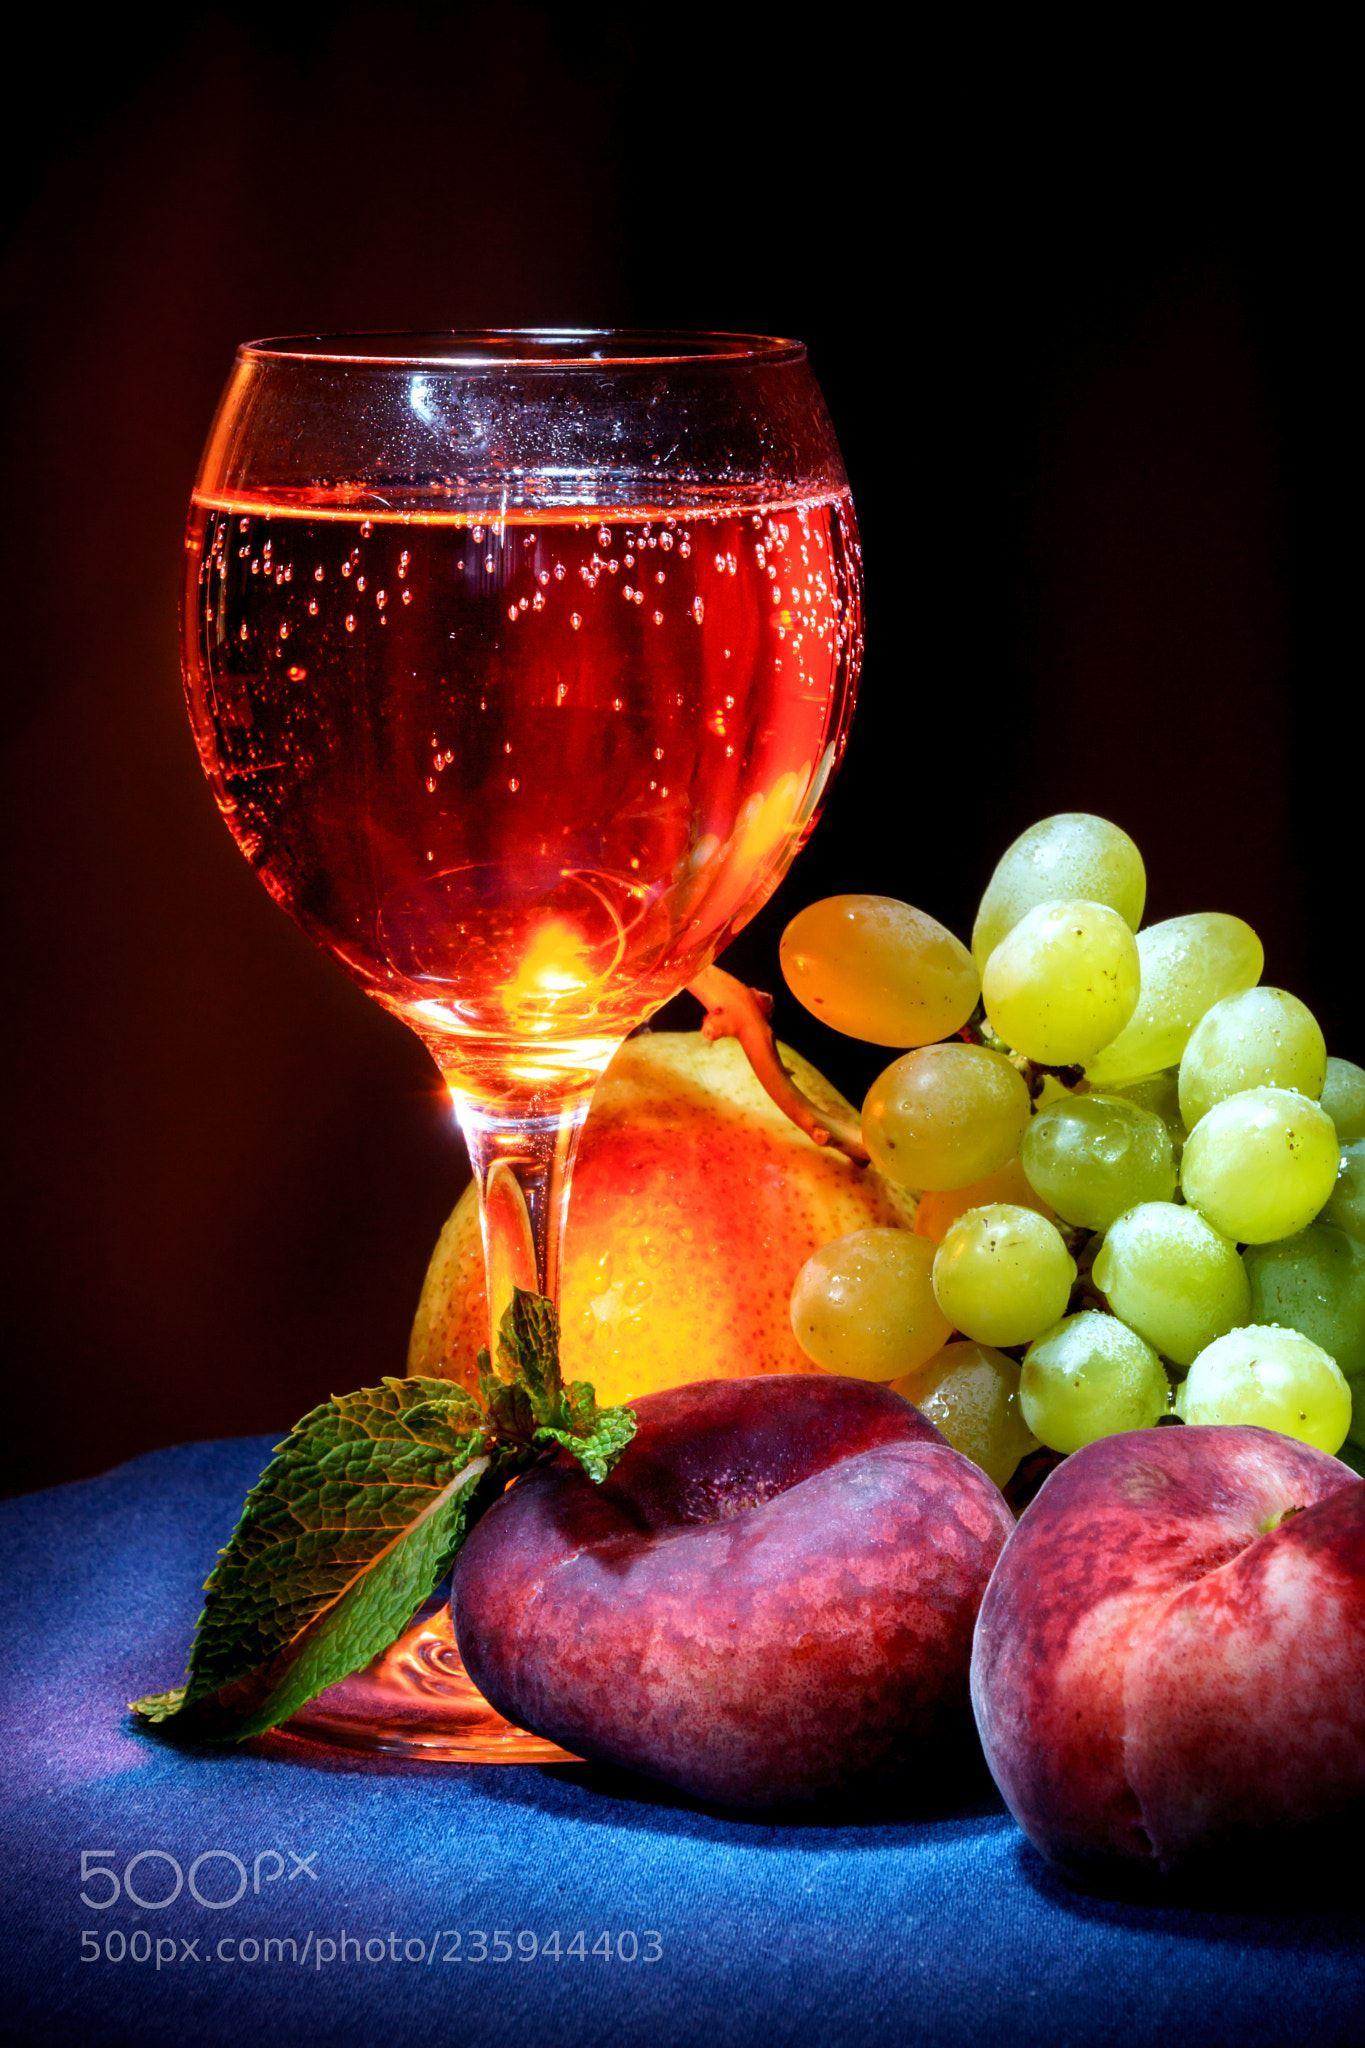 Pin By Sinem Zorer On Art Illustration In 2020 Grapes Wine Art Fruit